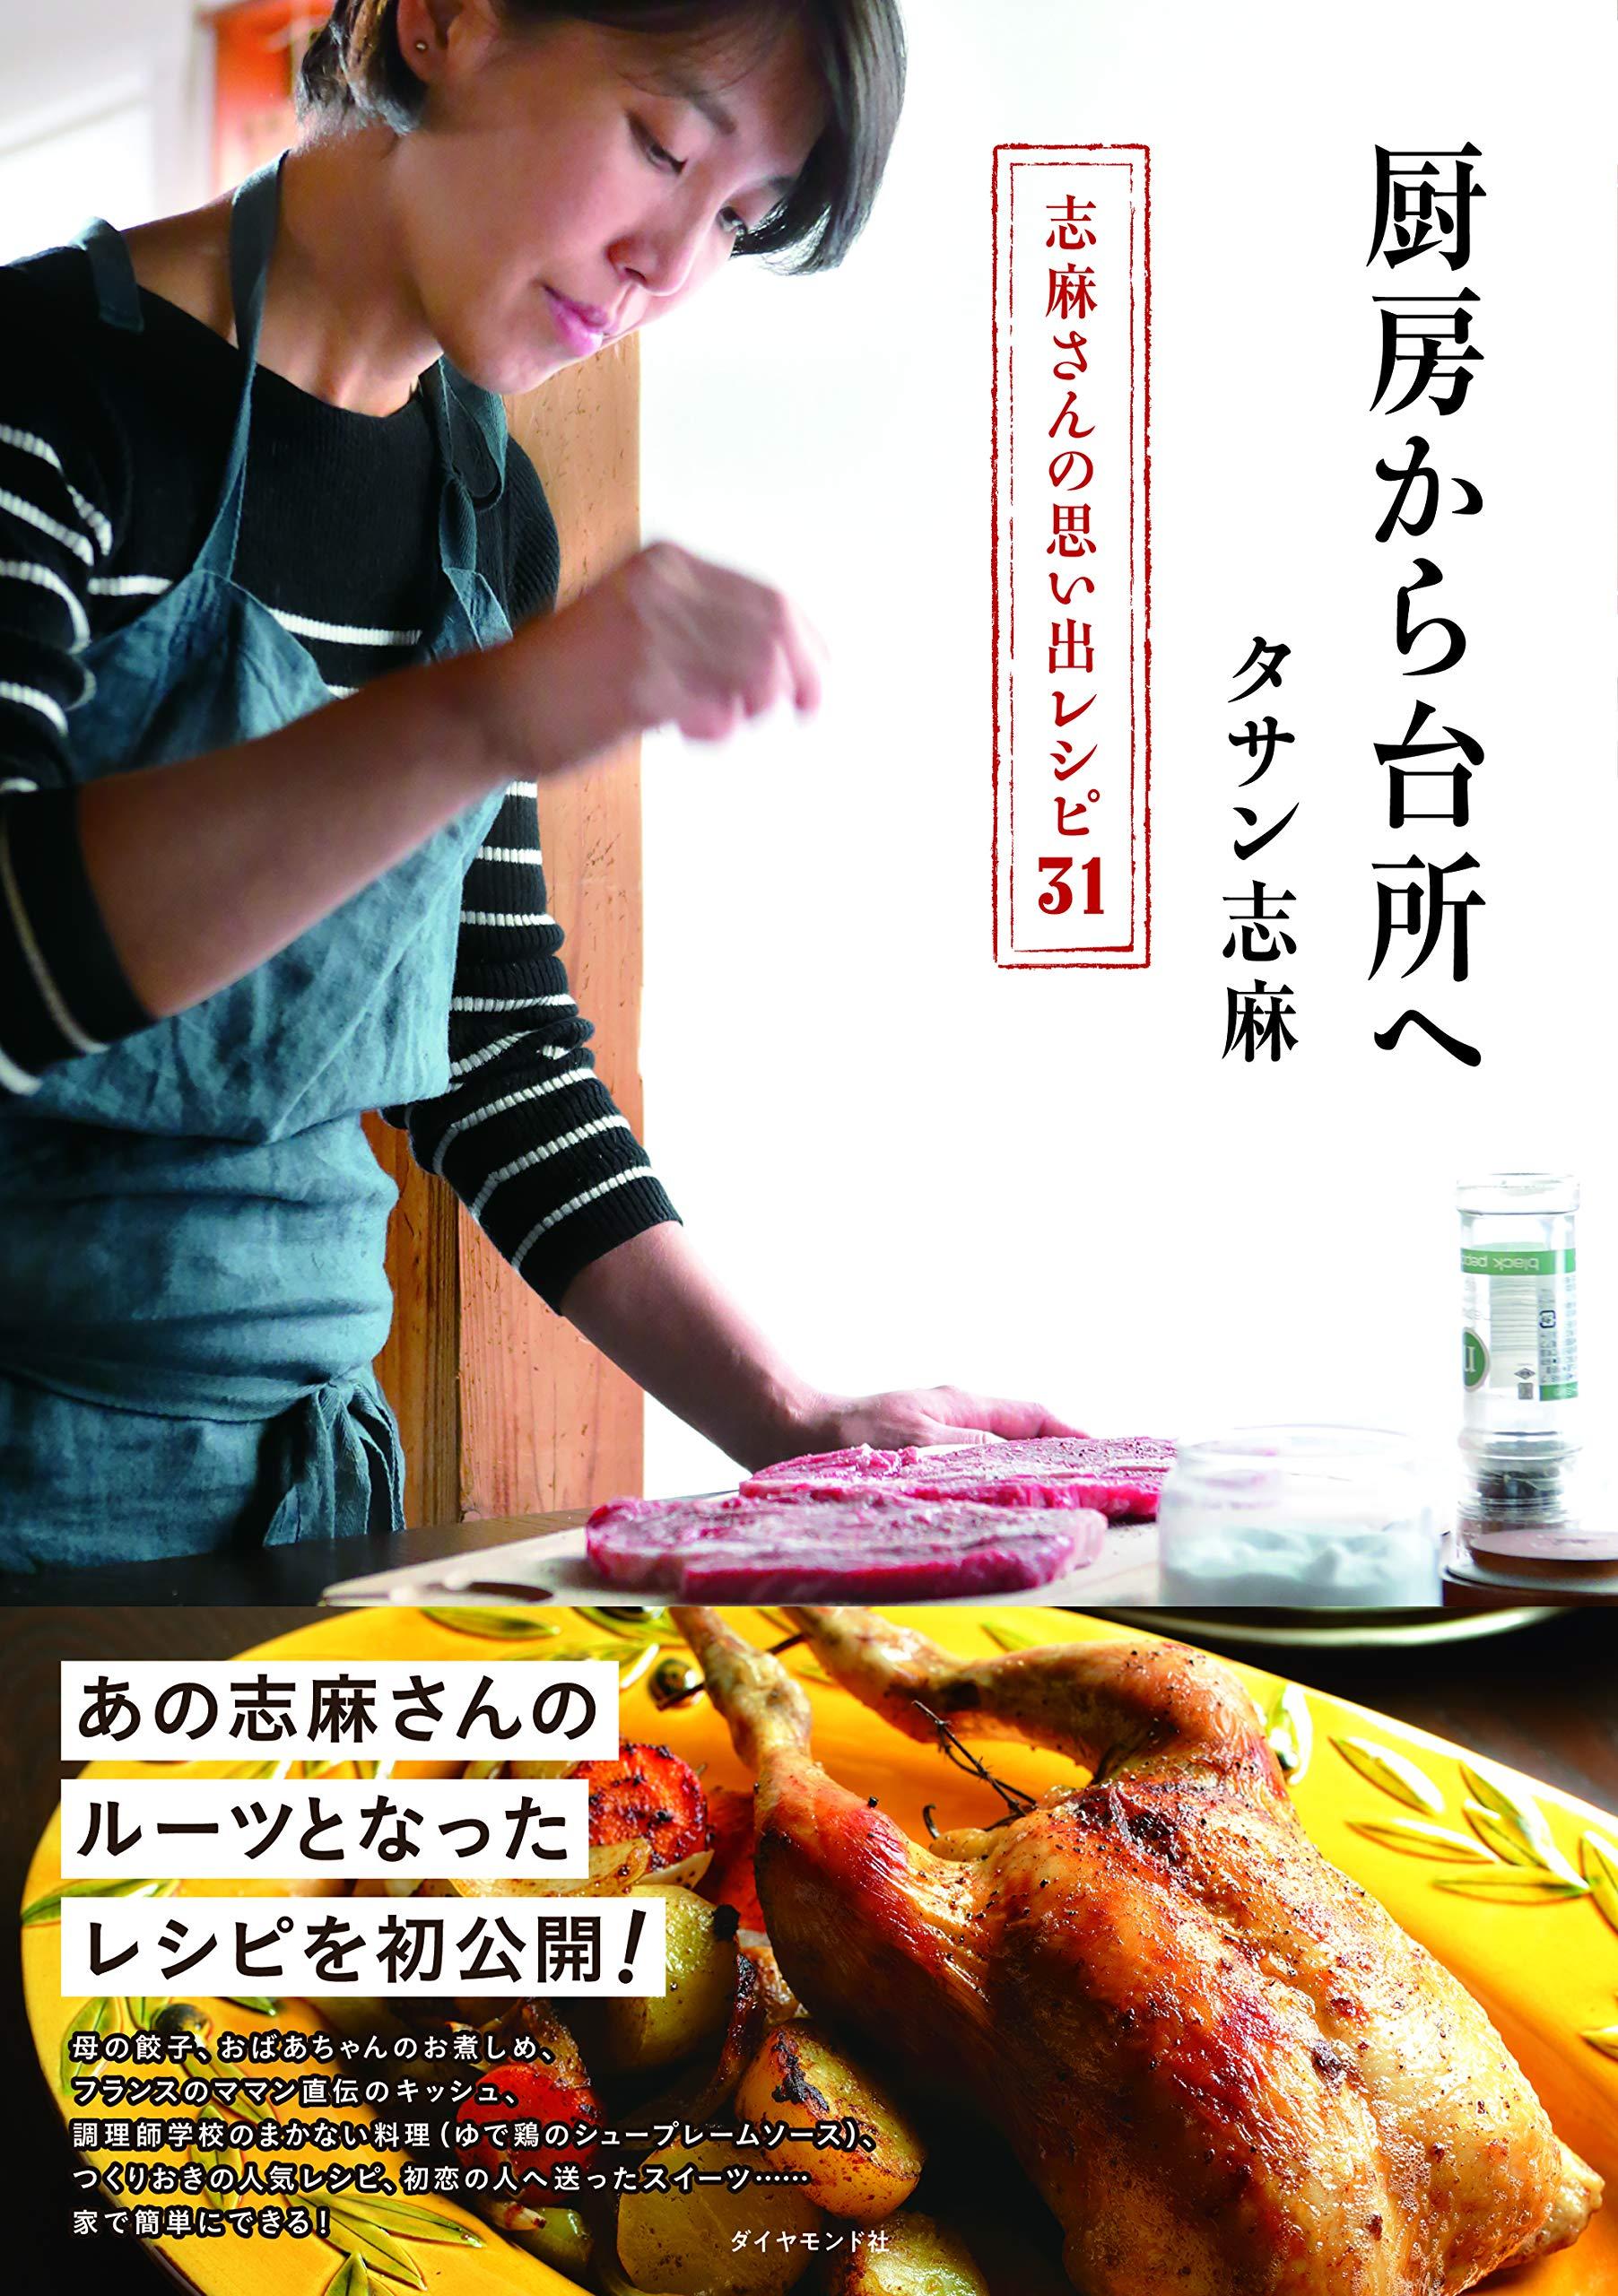 鶏肉 志麻 さん レシピ